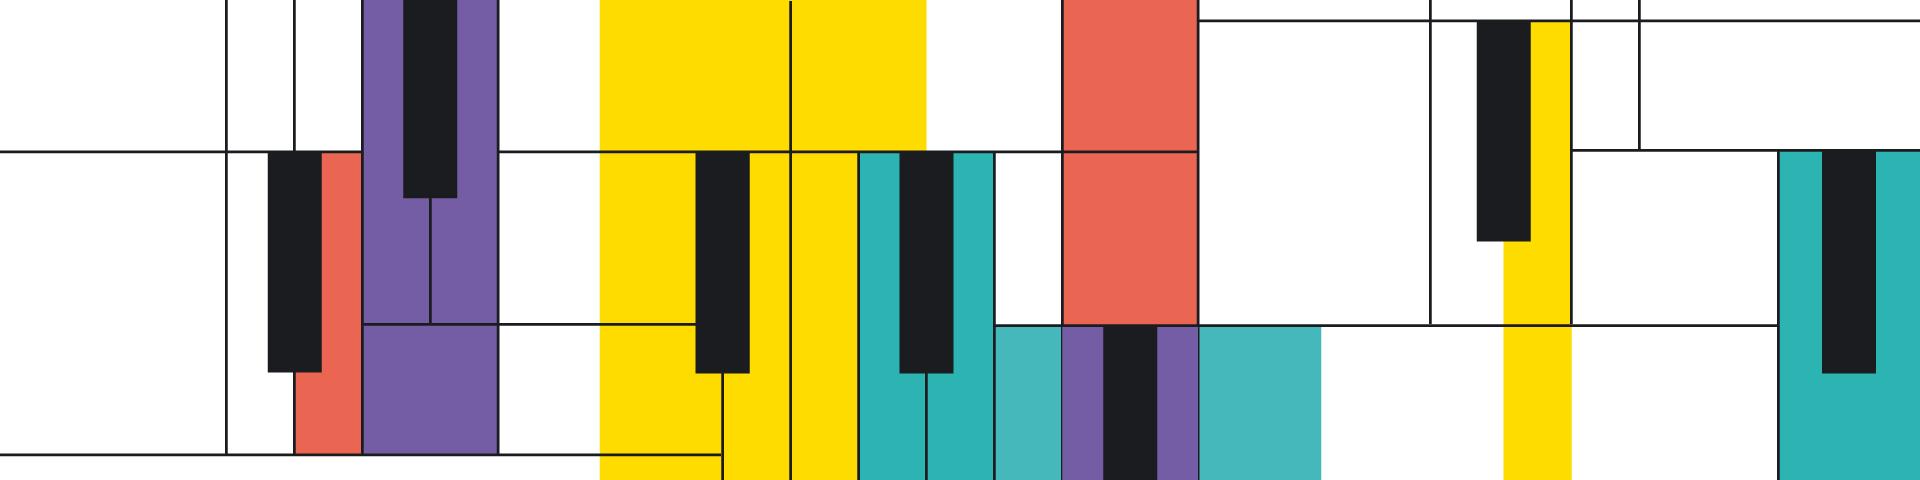 Εικαστικό για την ηχογραφημένη συναυλία του Stefanos Andreadis Flying Jazz Quartet